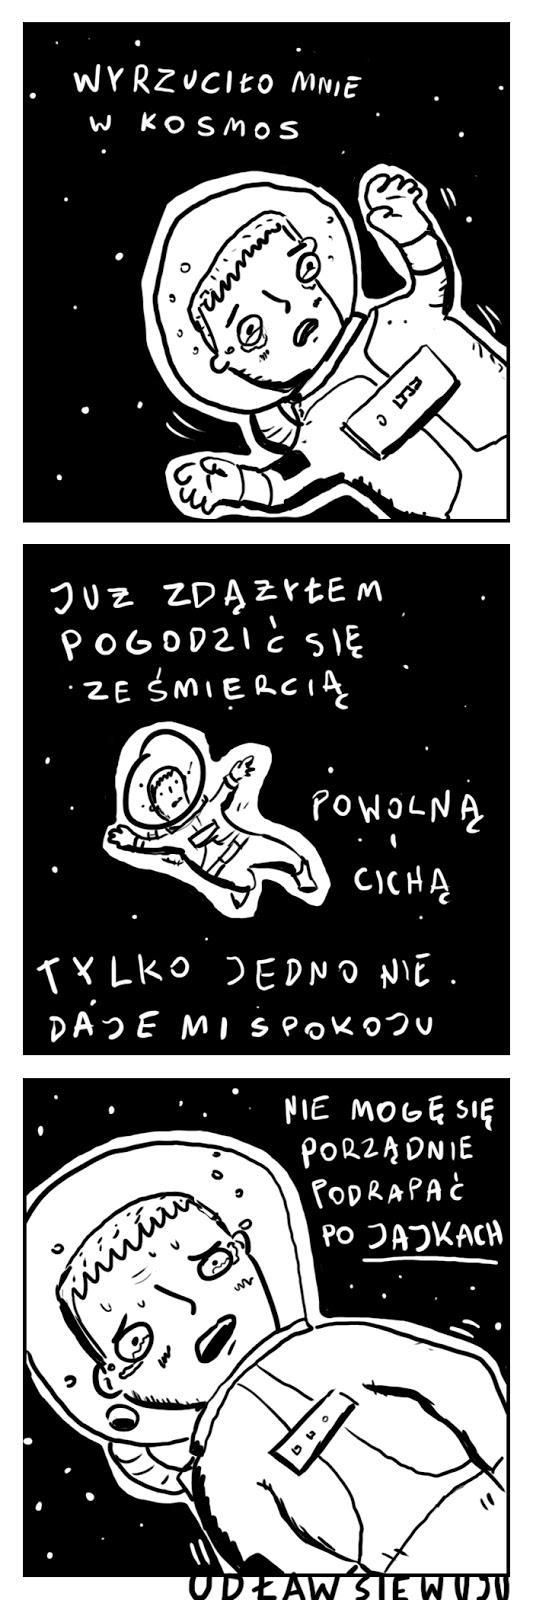 Wyrzucony w kosmos